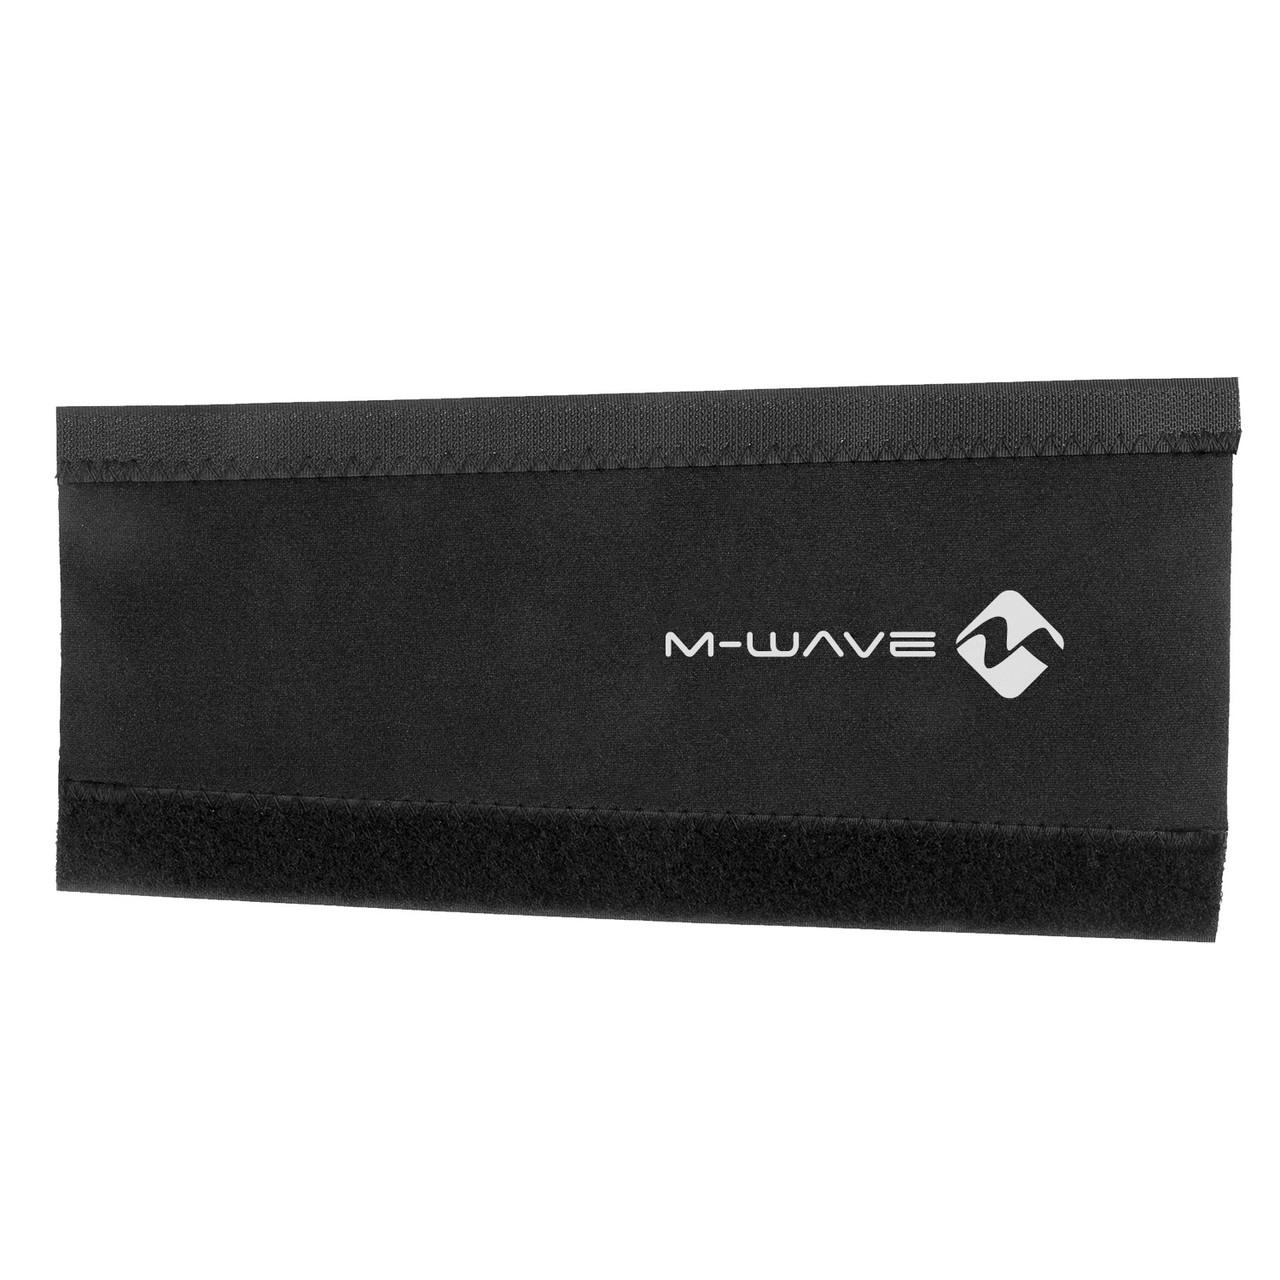 Защита пера M-WAVE, neoprene